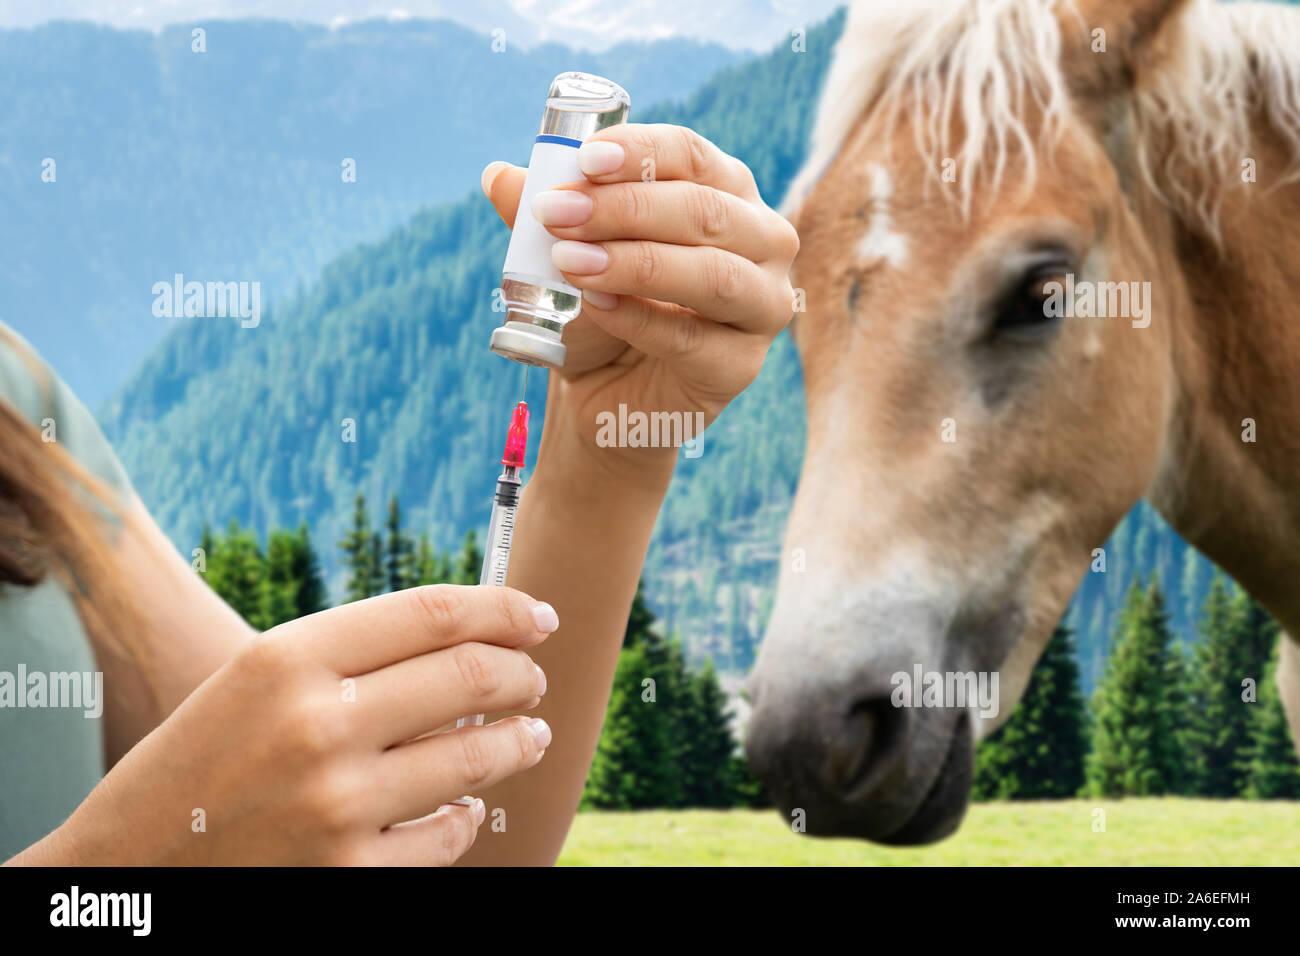 Auf pferd frau spritzt Cup of